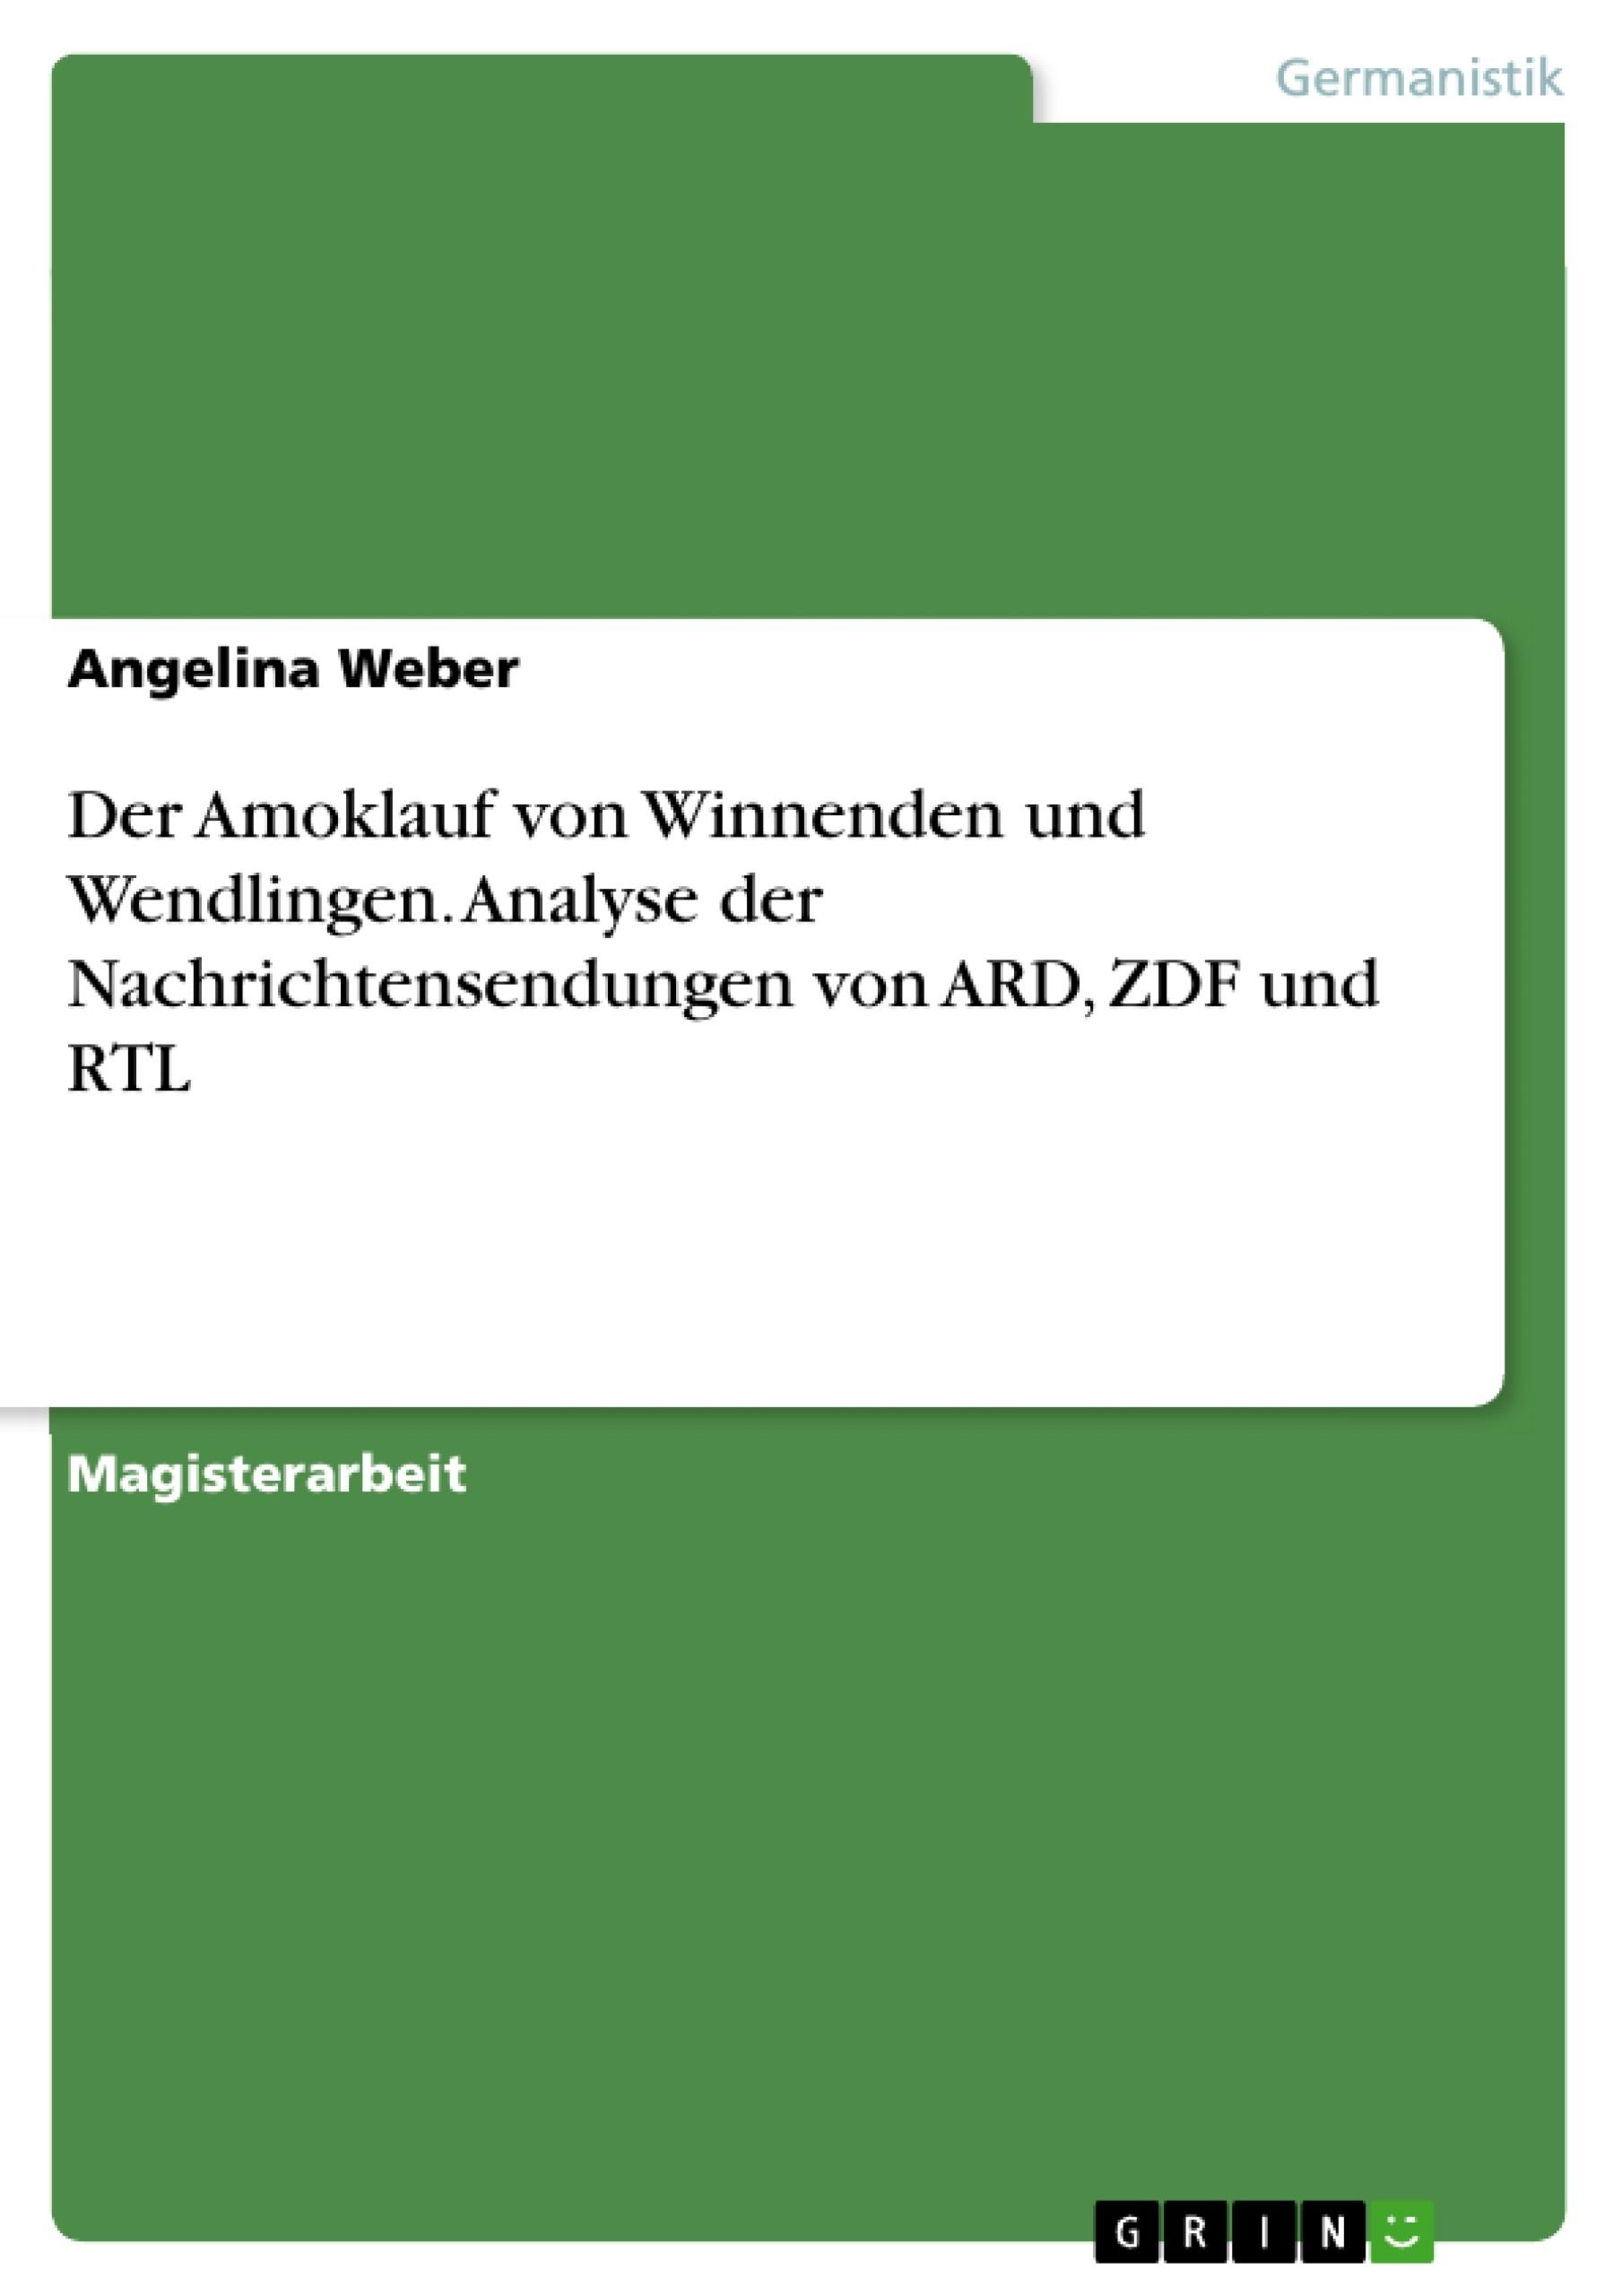 Titel: Der Amoklauf von Winnenden und Wendlingen. Analyse der Nachrichtensendungen von ARD, ZDF und RTL